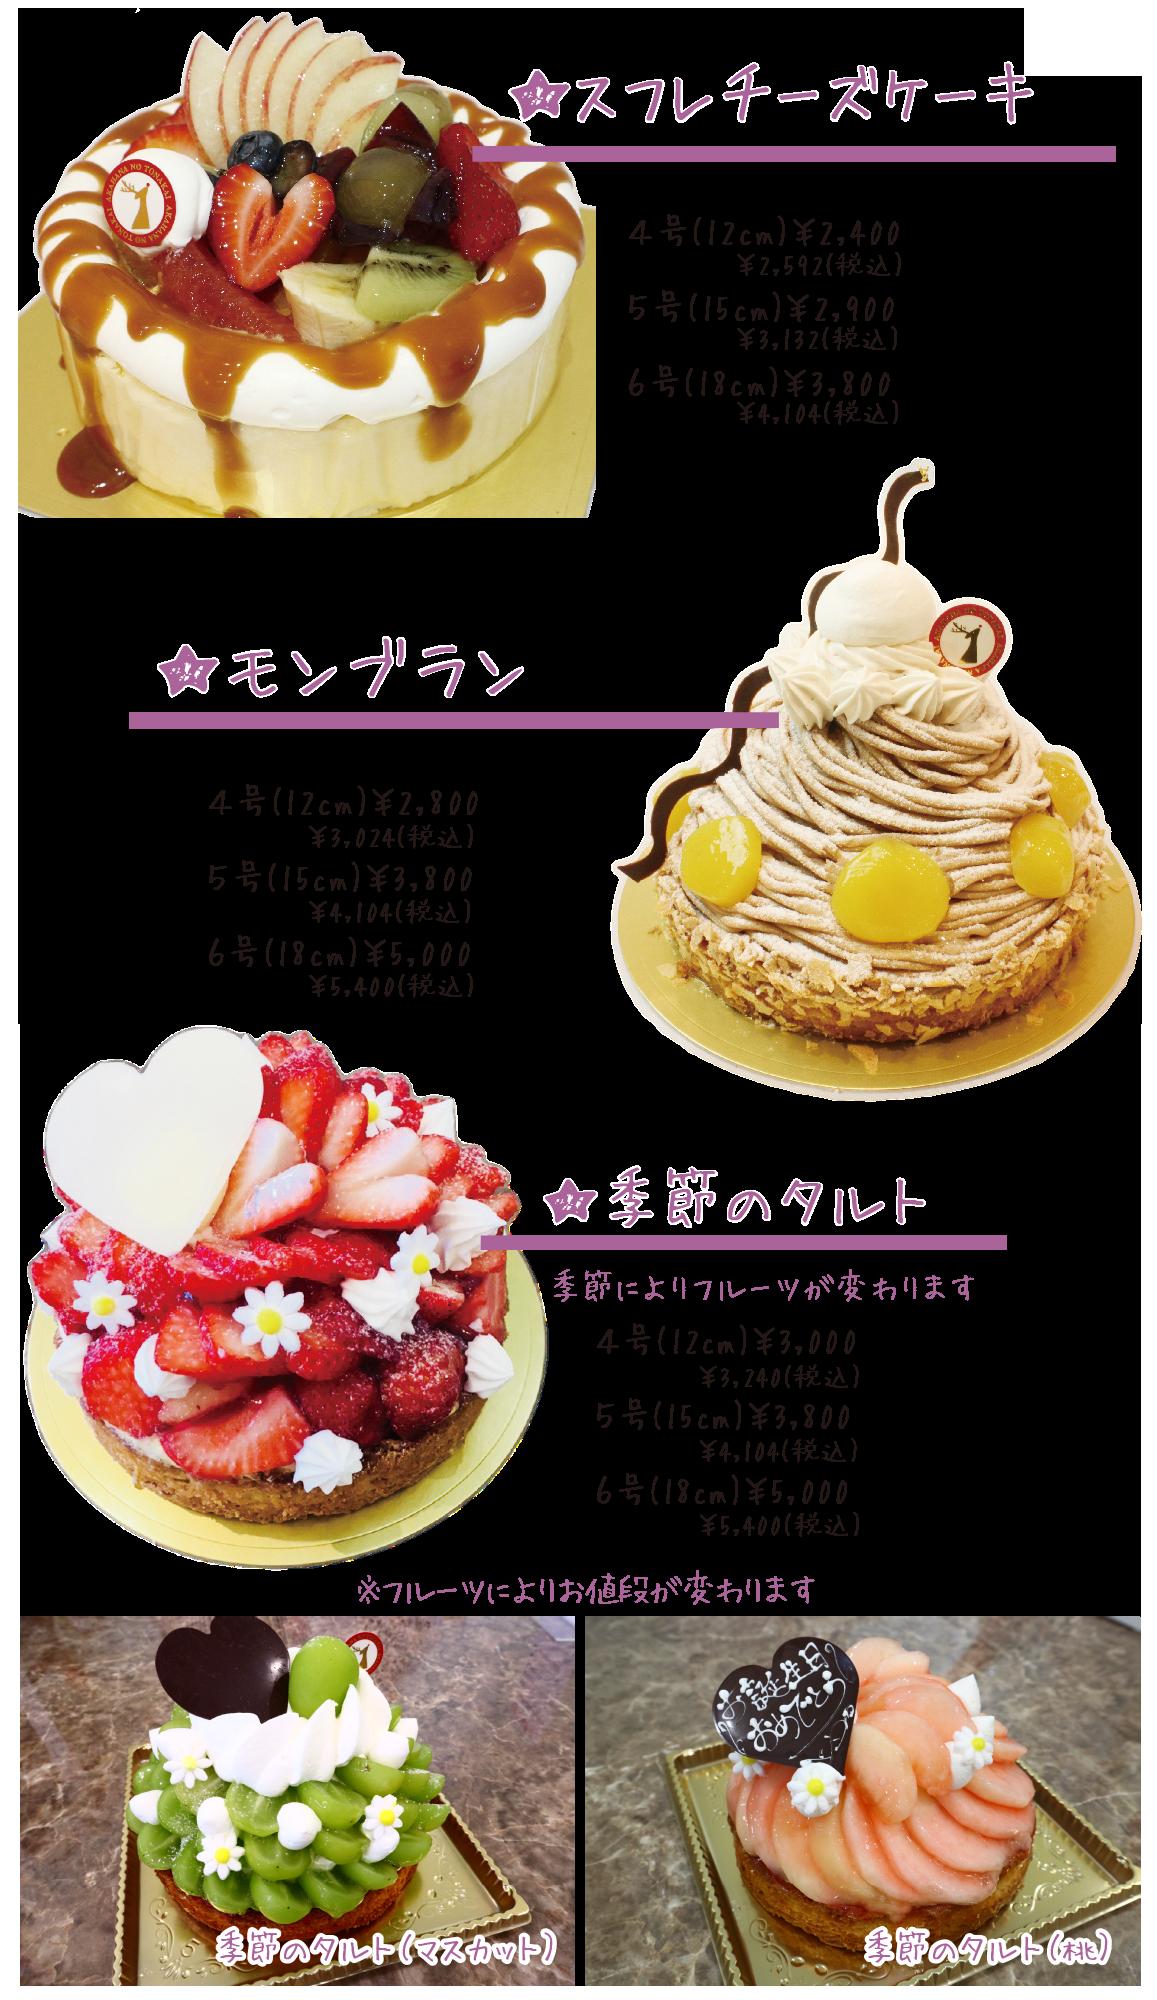 デコレーションケーキ2